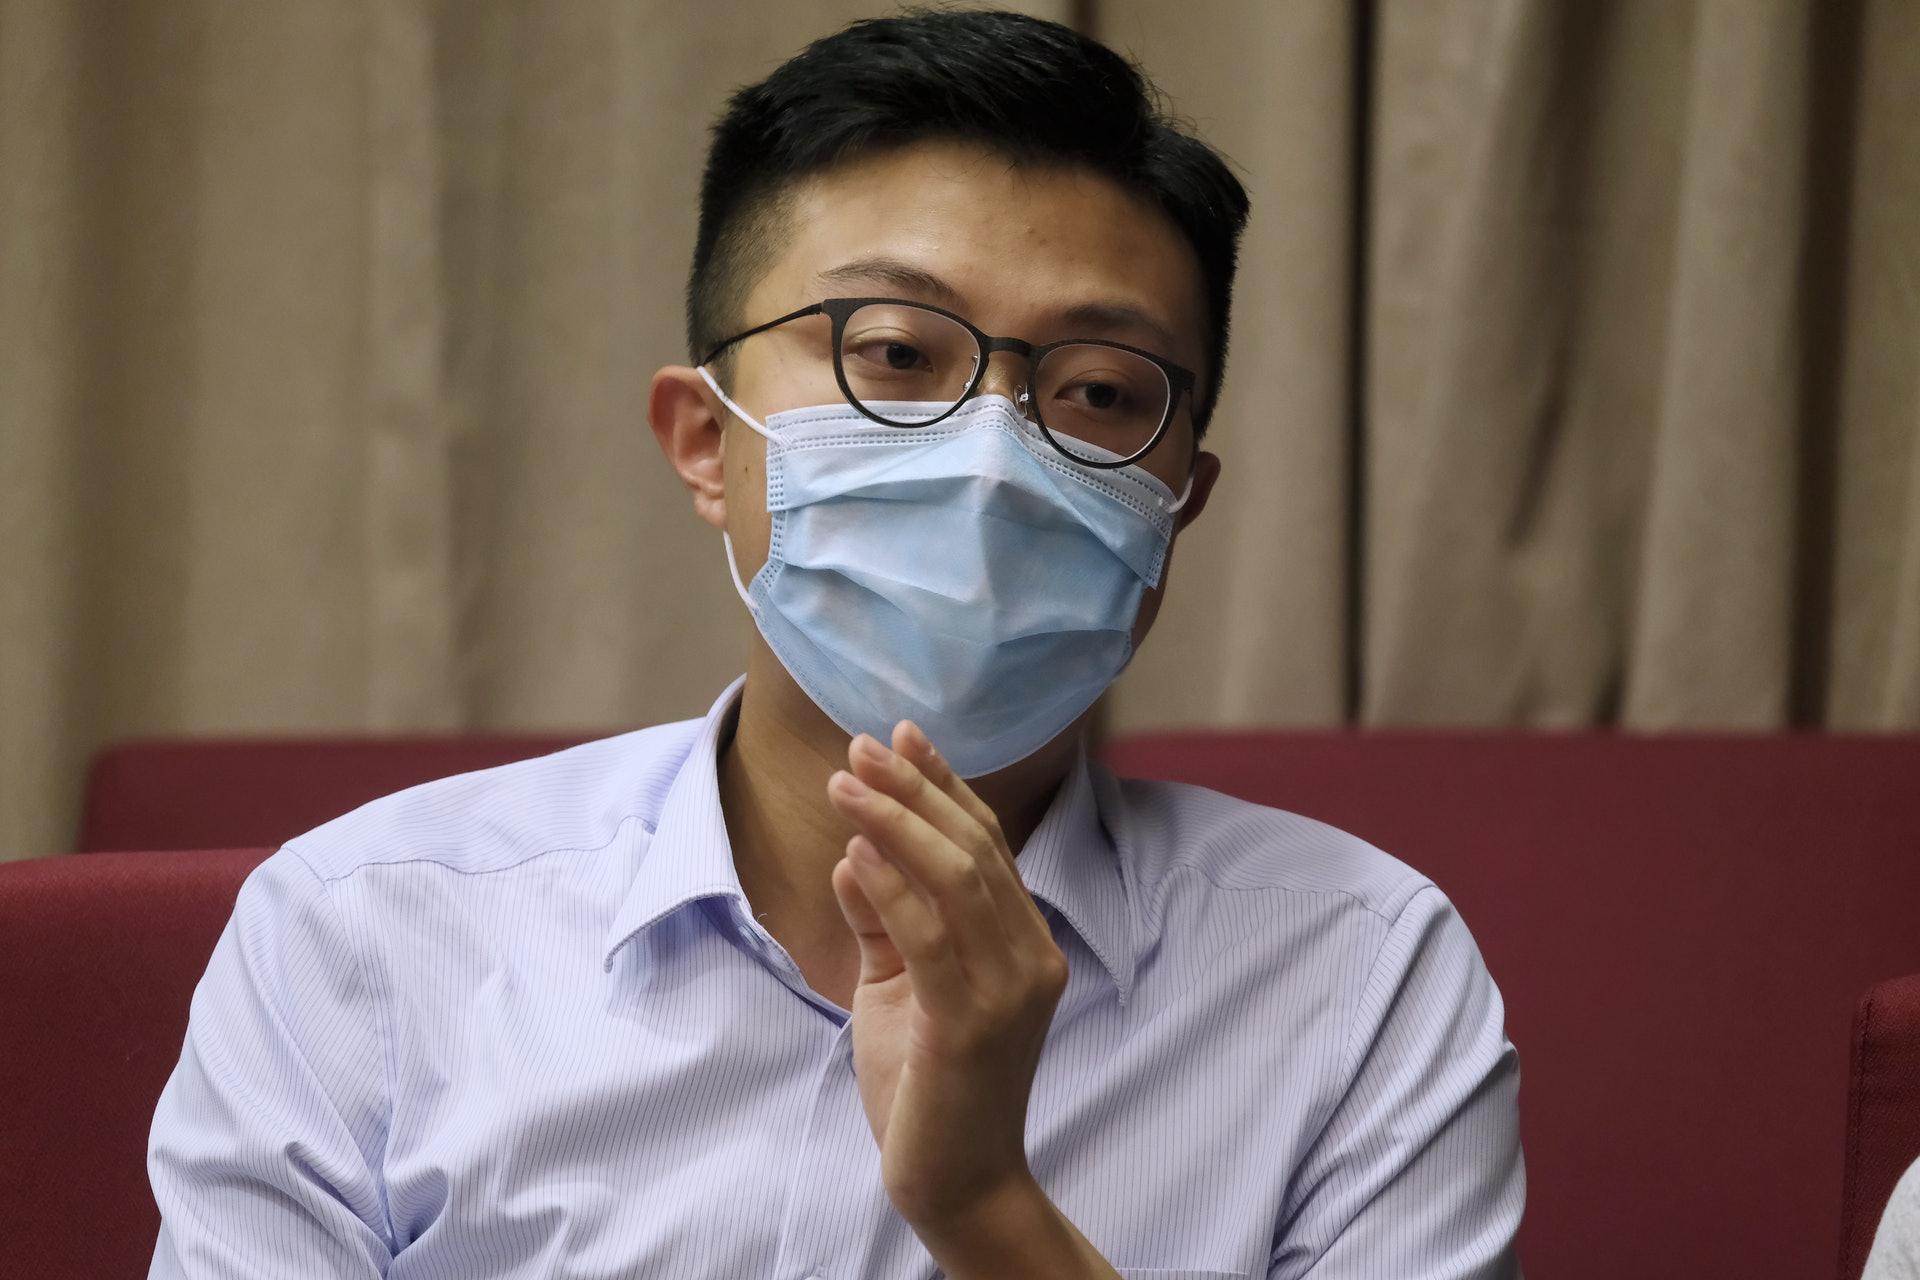 顏雋提到,相比起以往的便椅,尺寸更適合香港狹窄的居所,期望可於一年內以約三千元的售價推出市場。 (歐嘉樂攝)